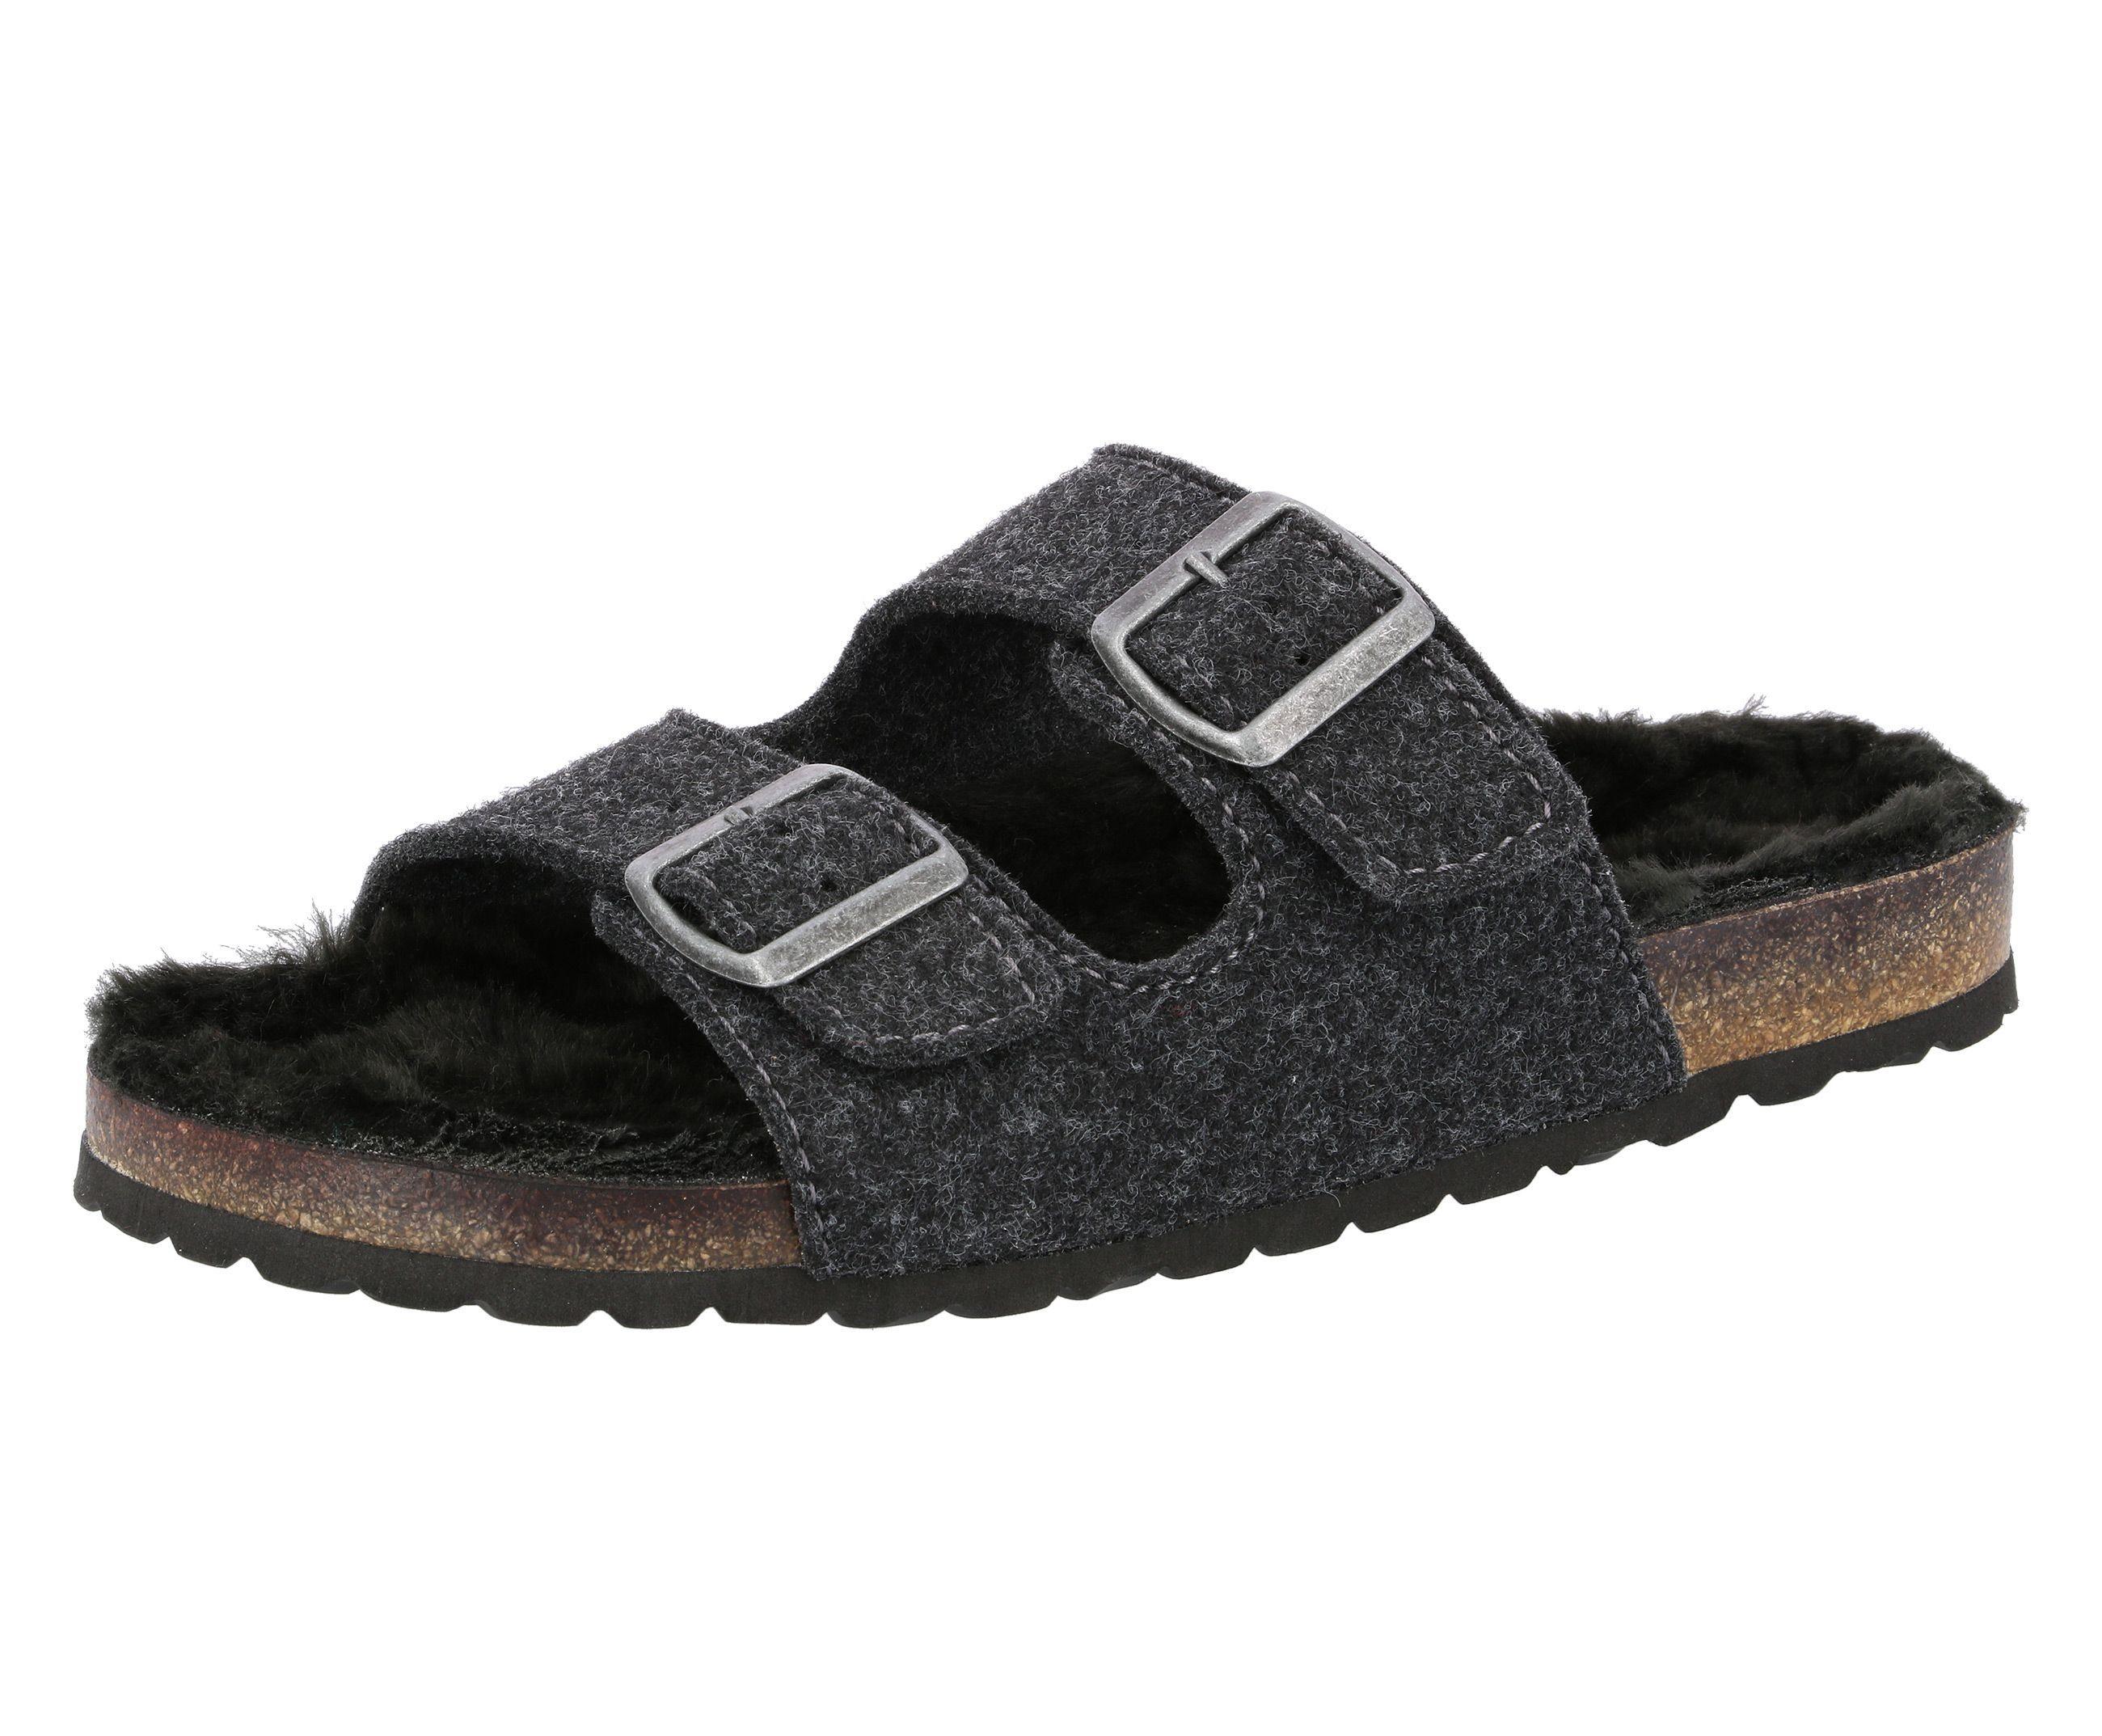 Lico Hausschuh Pantolette Bioline Hot | Schuhe > Clogs & Pantoletten > Pantoletten | Grau | Lico